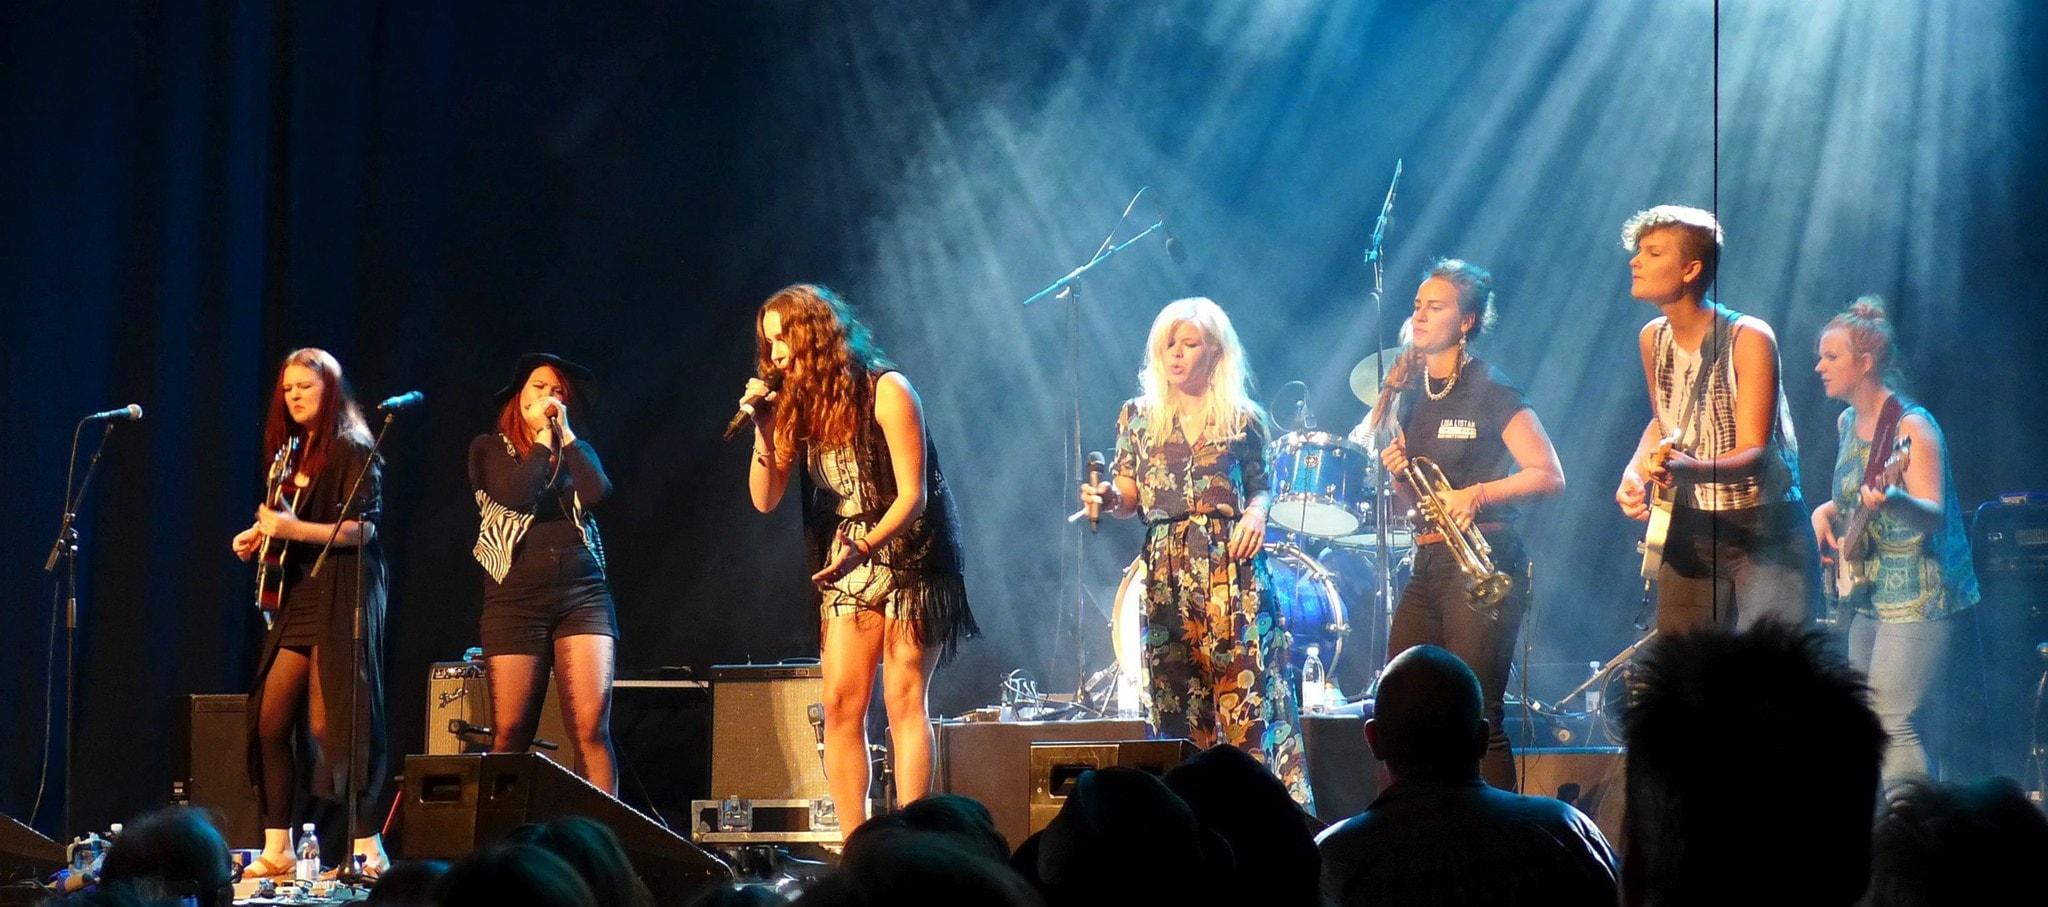 P4 Live från Åmåls Bluesfestival 2015